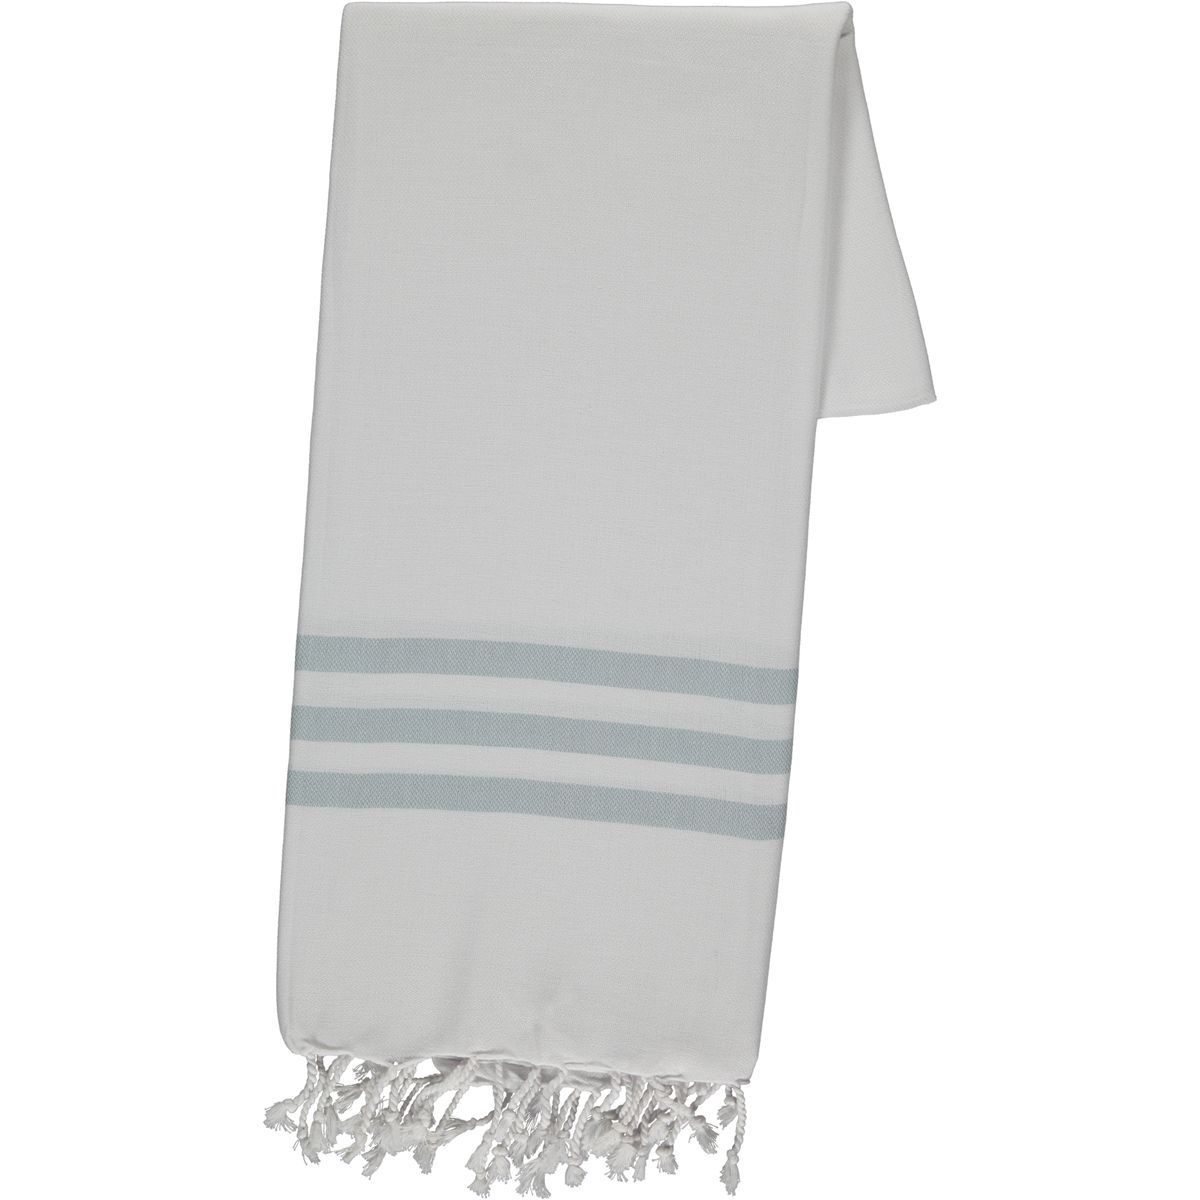 Peshtemal Bala Sultan - Light Blue Stripes